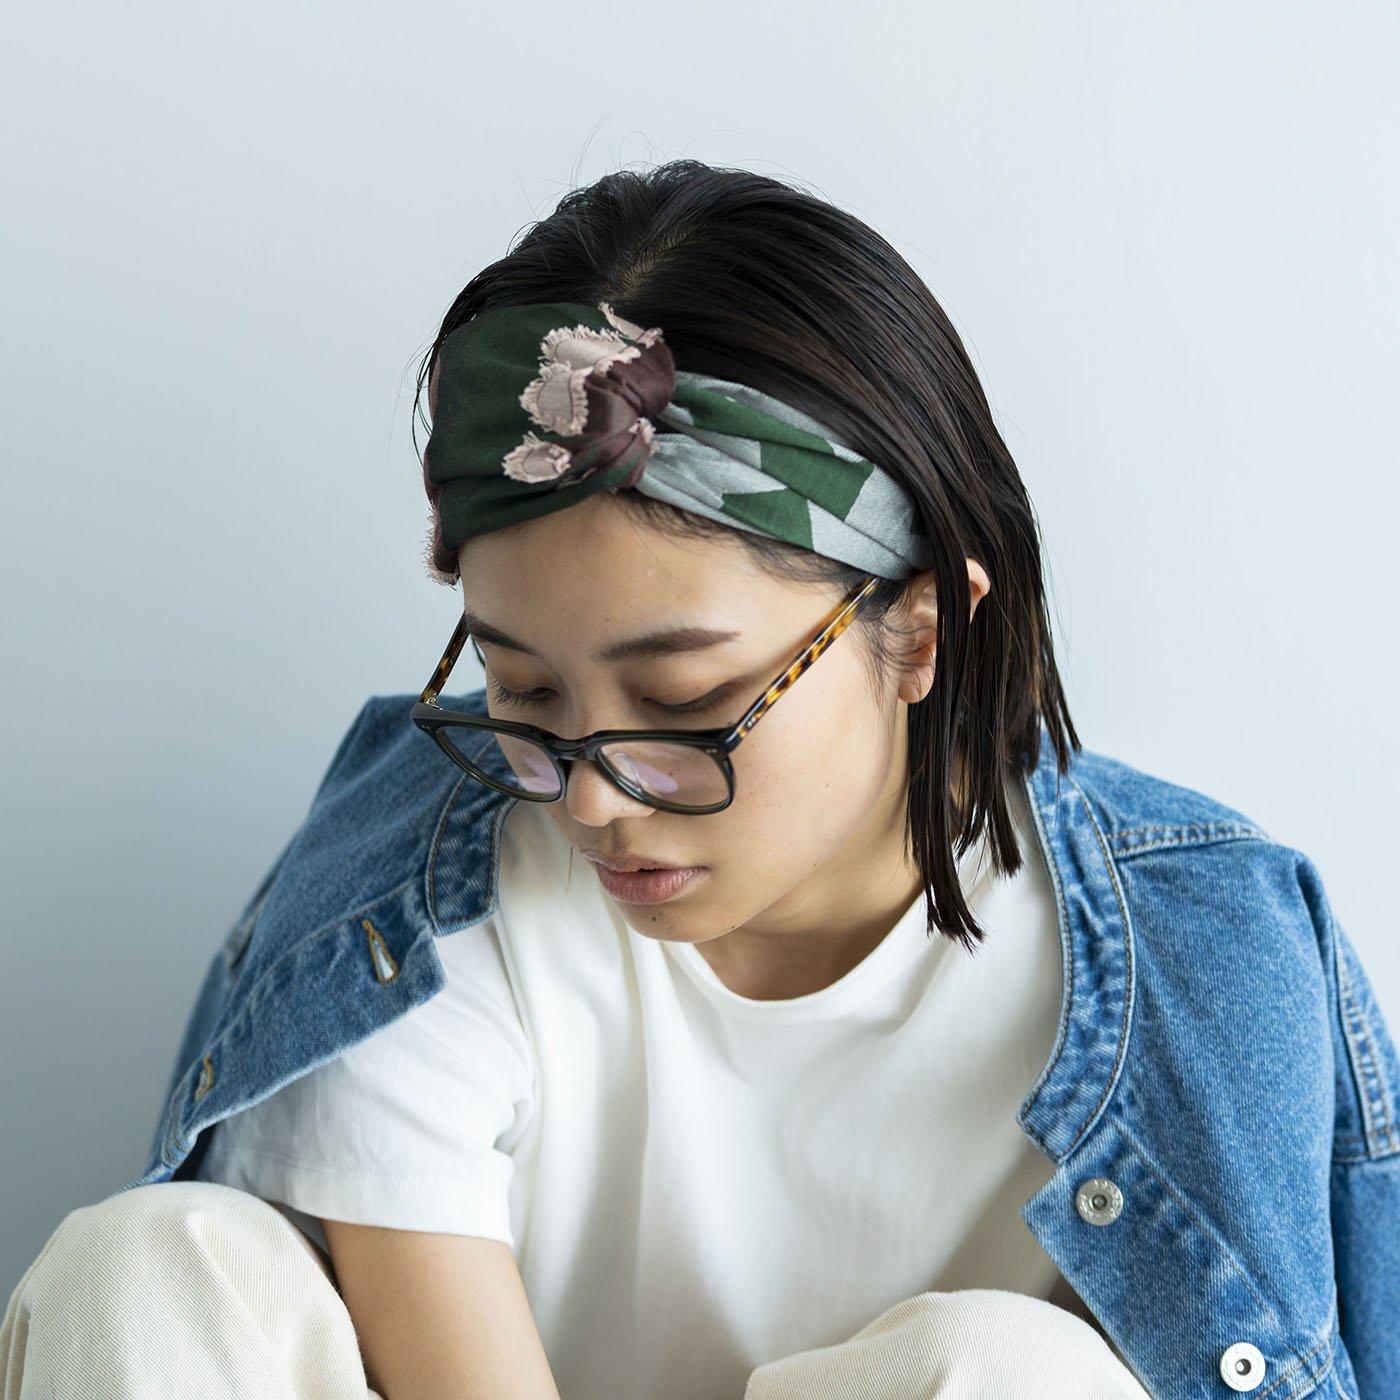 テキスタイルデザイナーと作った 播州ジャカード織のヘアターバン〈グリーン×ブラウン〉[ヘアバンド:日本製]